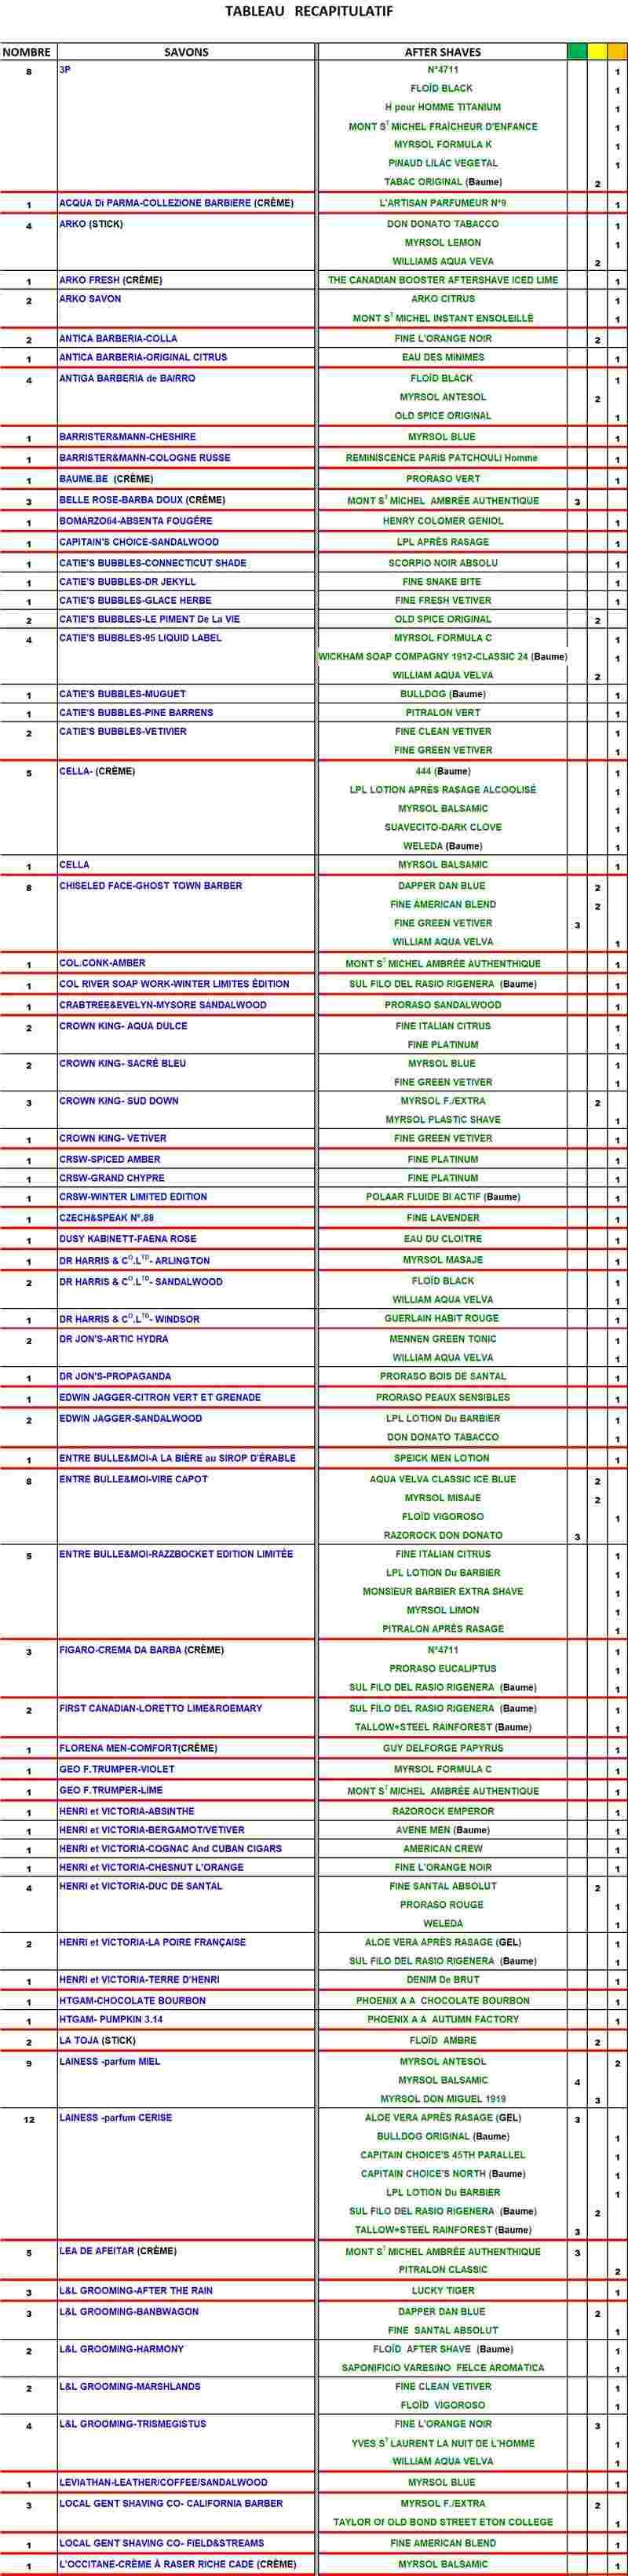 TABLEAU SAVONS et APRES-RASAGE  COMPATIBLES - Page 3 Table189